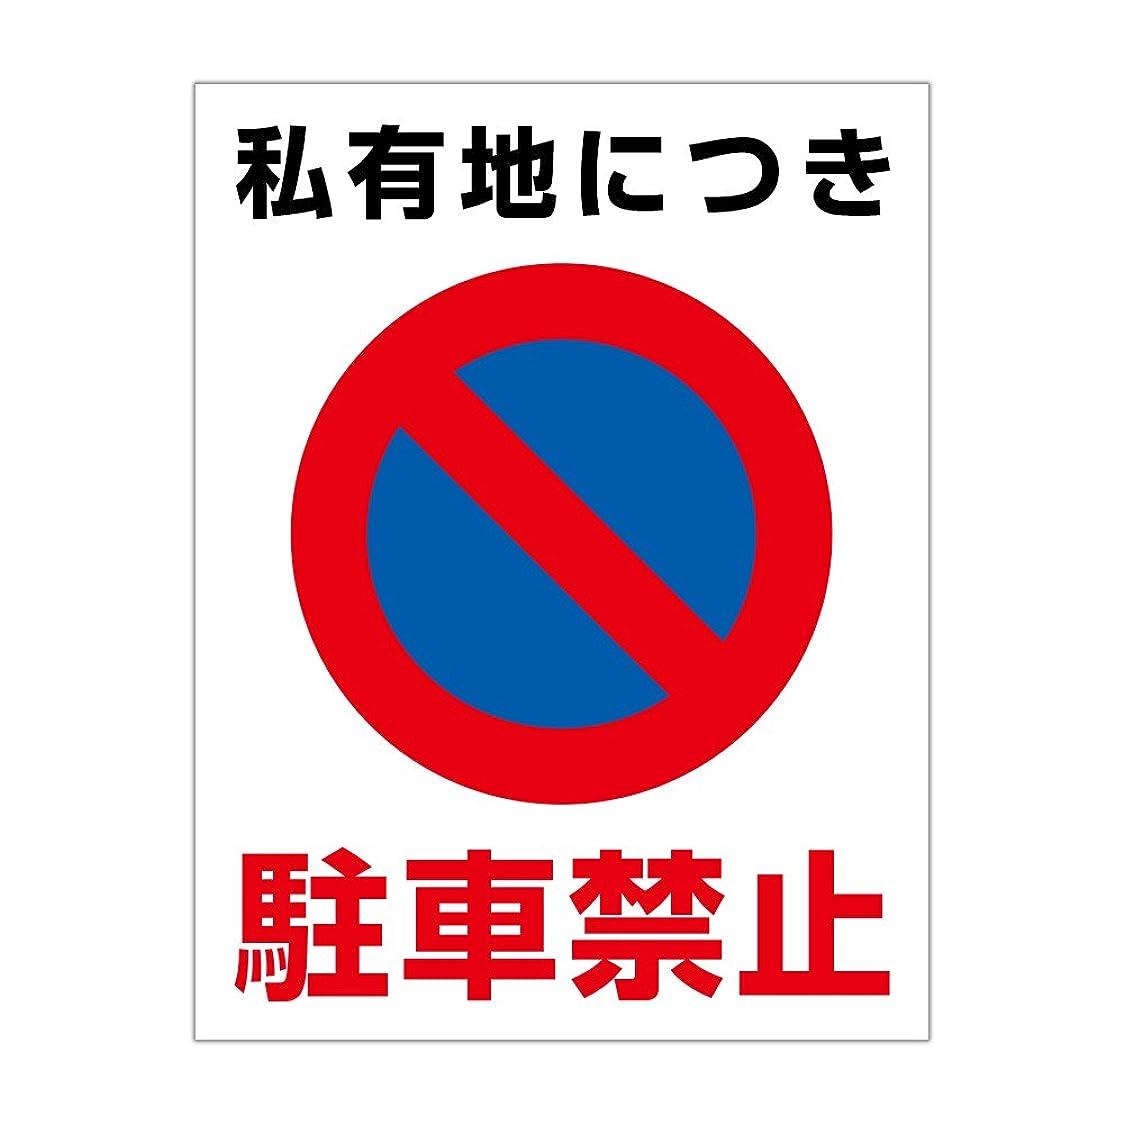 会社購入復活「注意?警告 私有地につき駐車禁止」 床や路面に直接貼れる 路面表示ステッカー 300X230mm